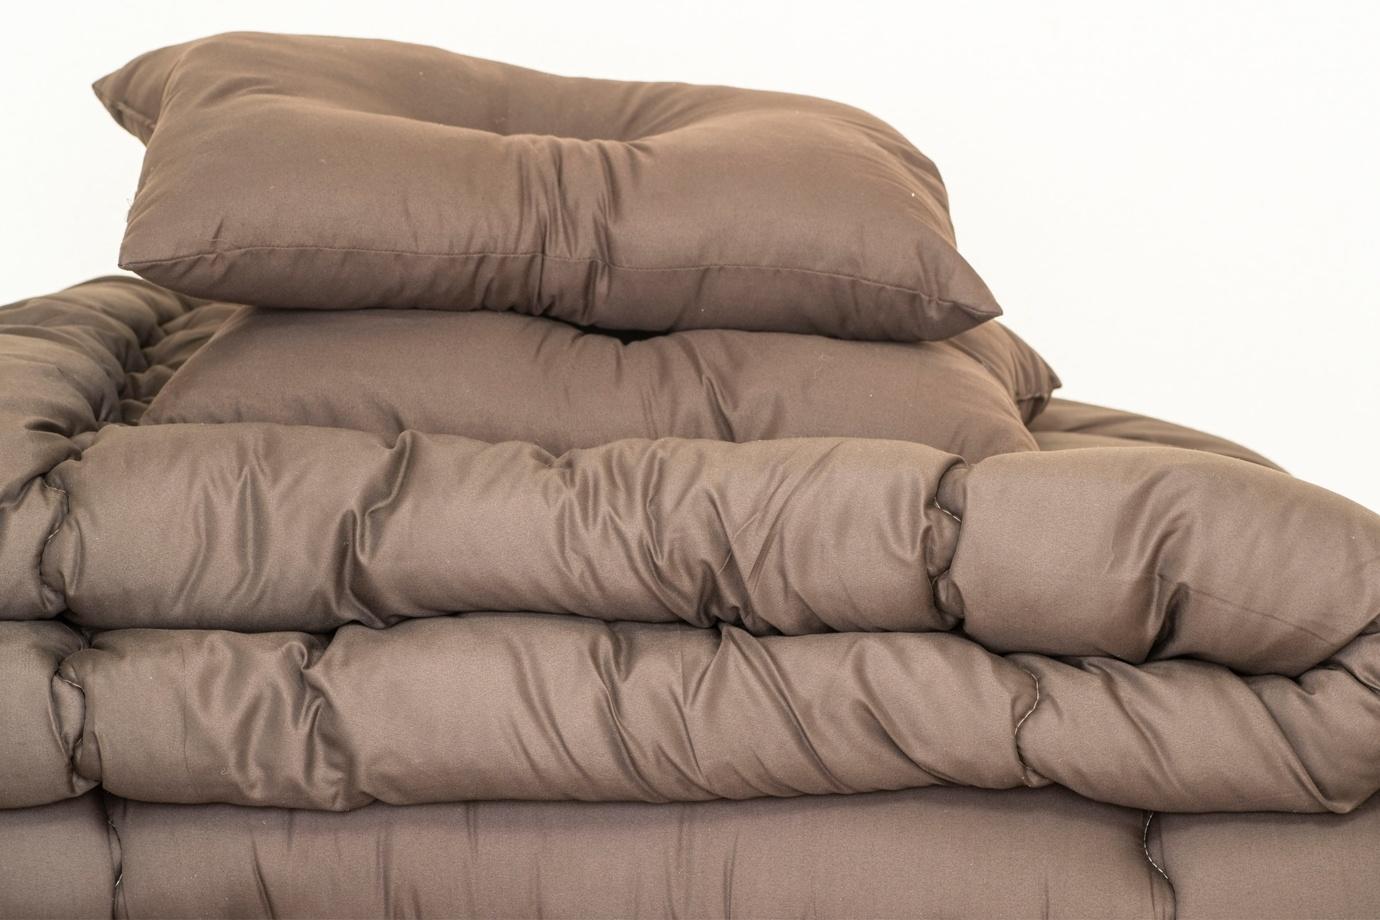 ワンルームならベッドより布団を選ぼう! おすすめポイント5選!